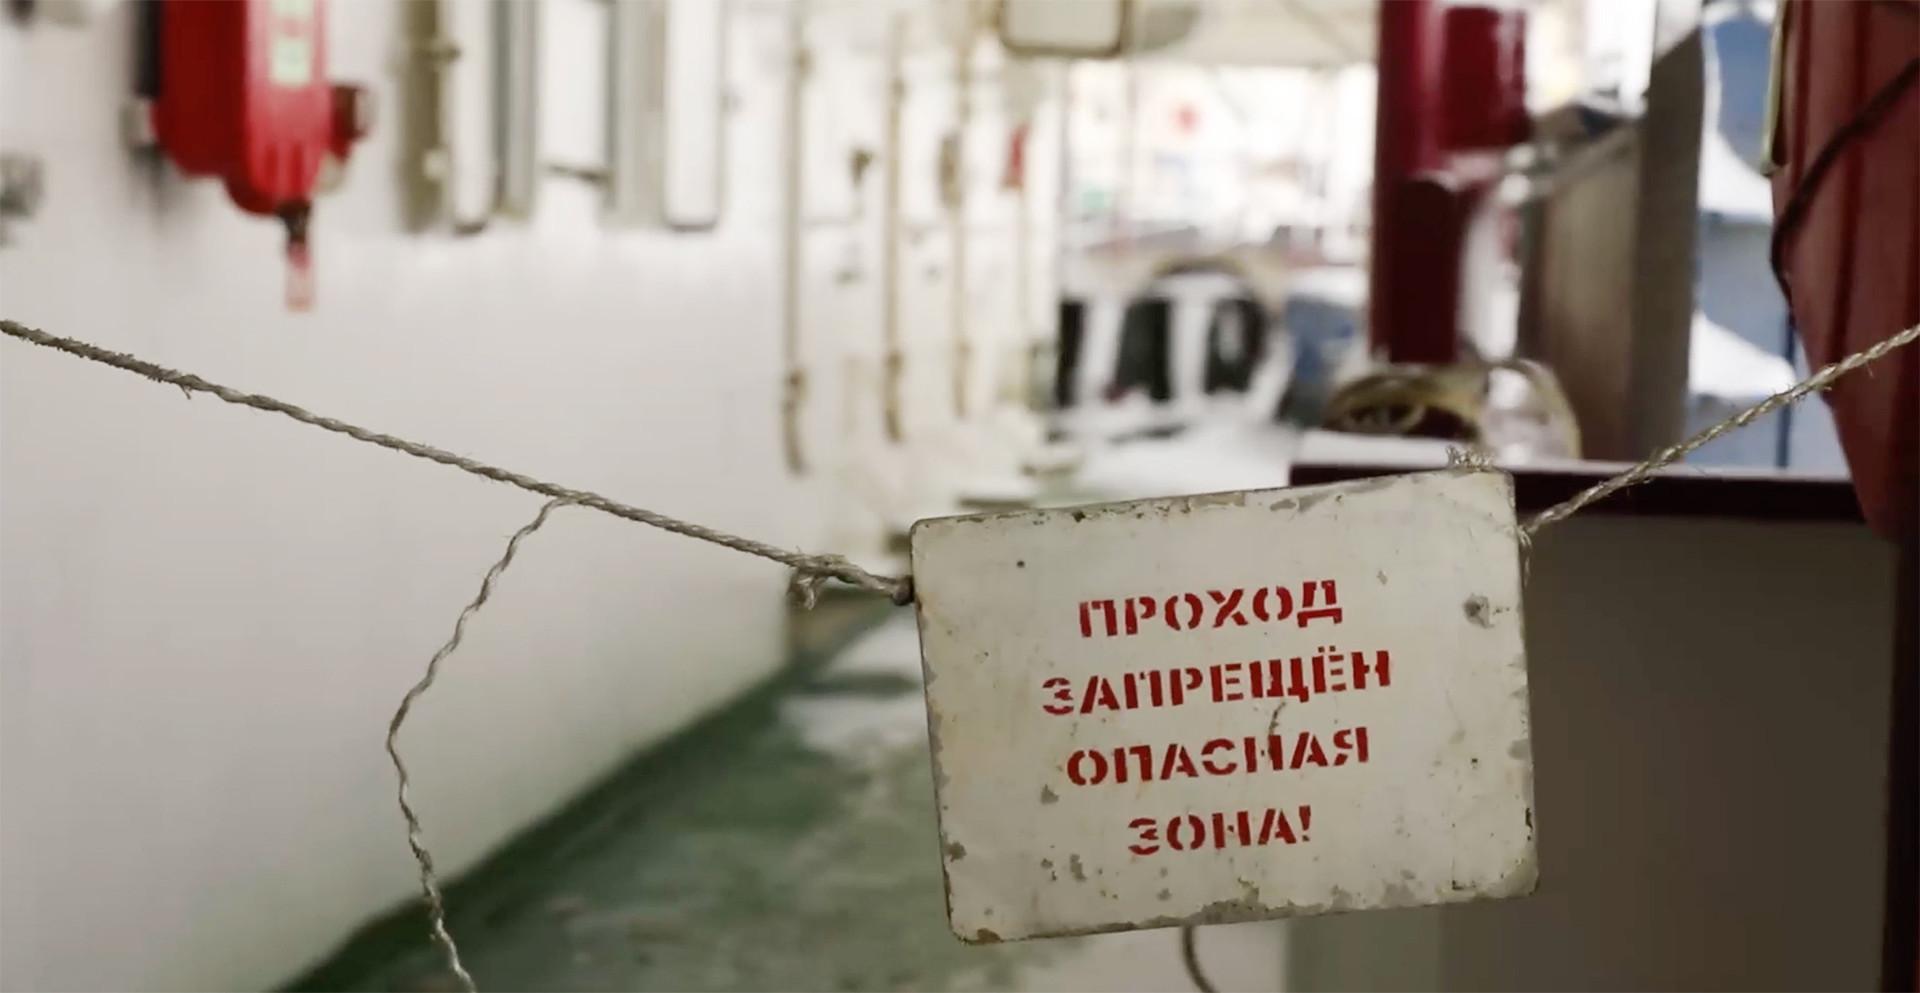 Фото: © L!FE / Илья Фоминцев